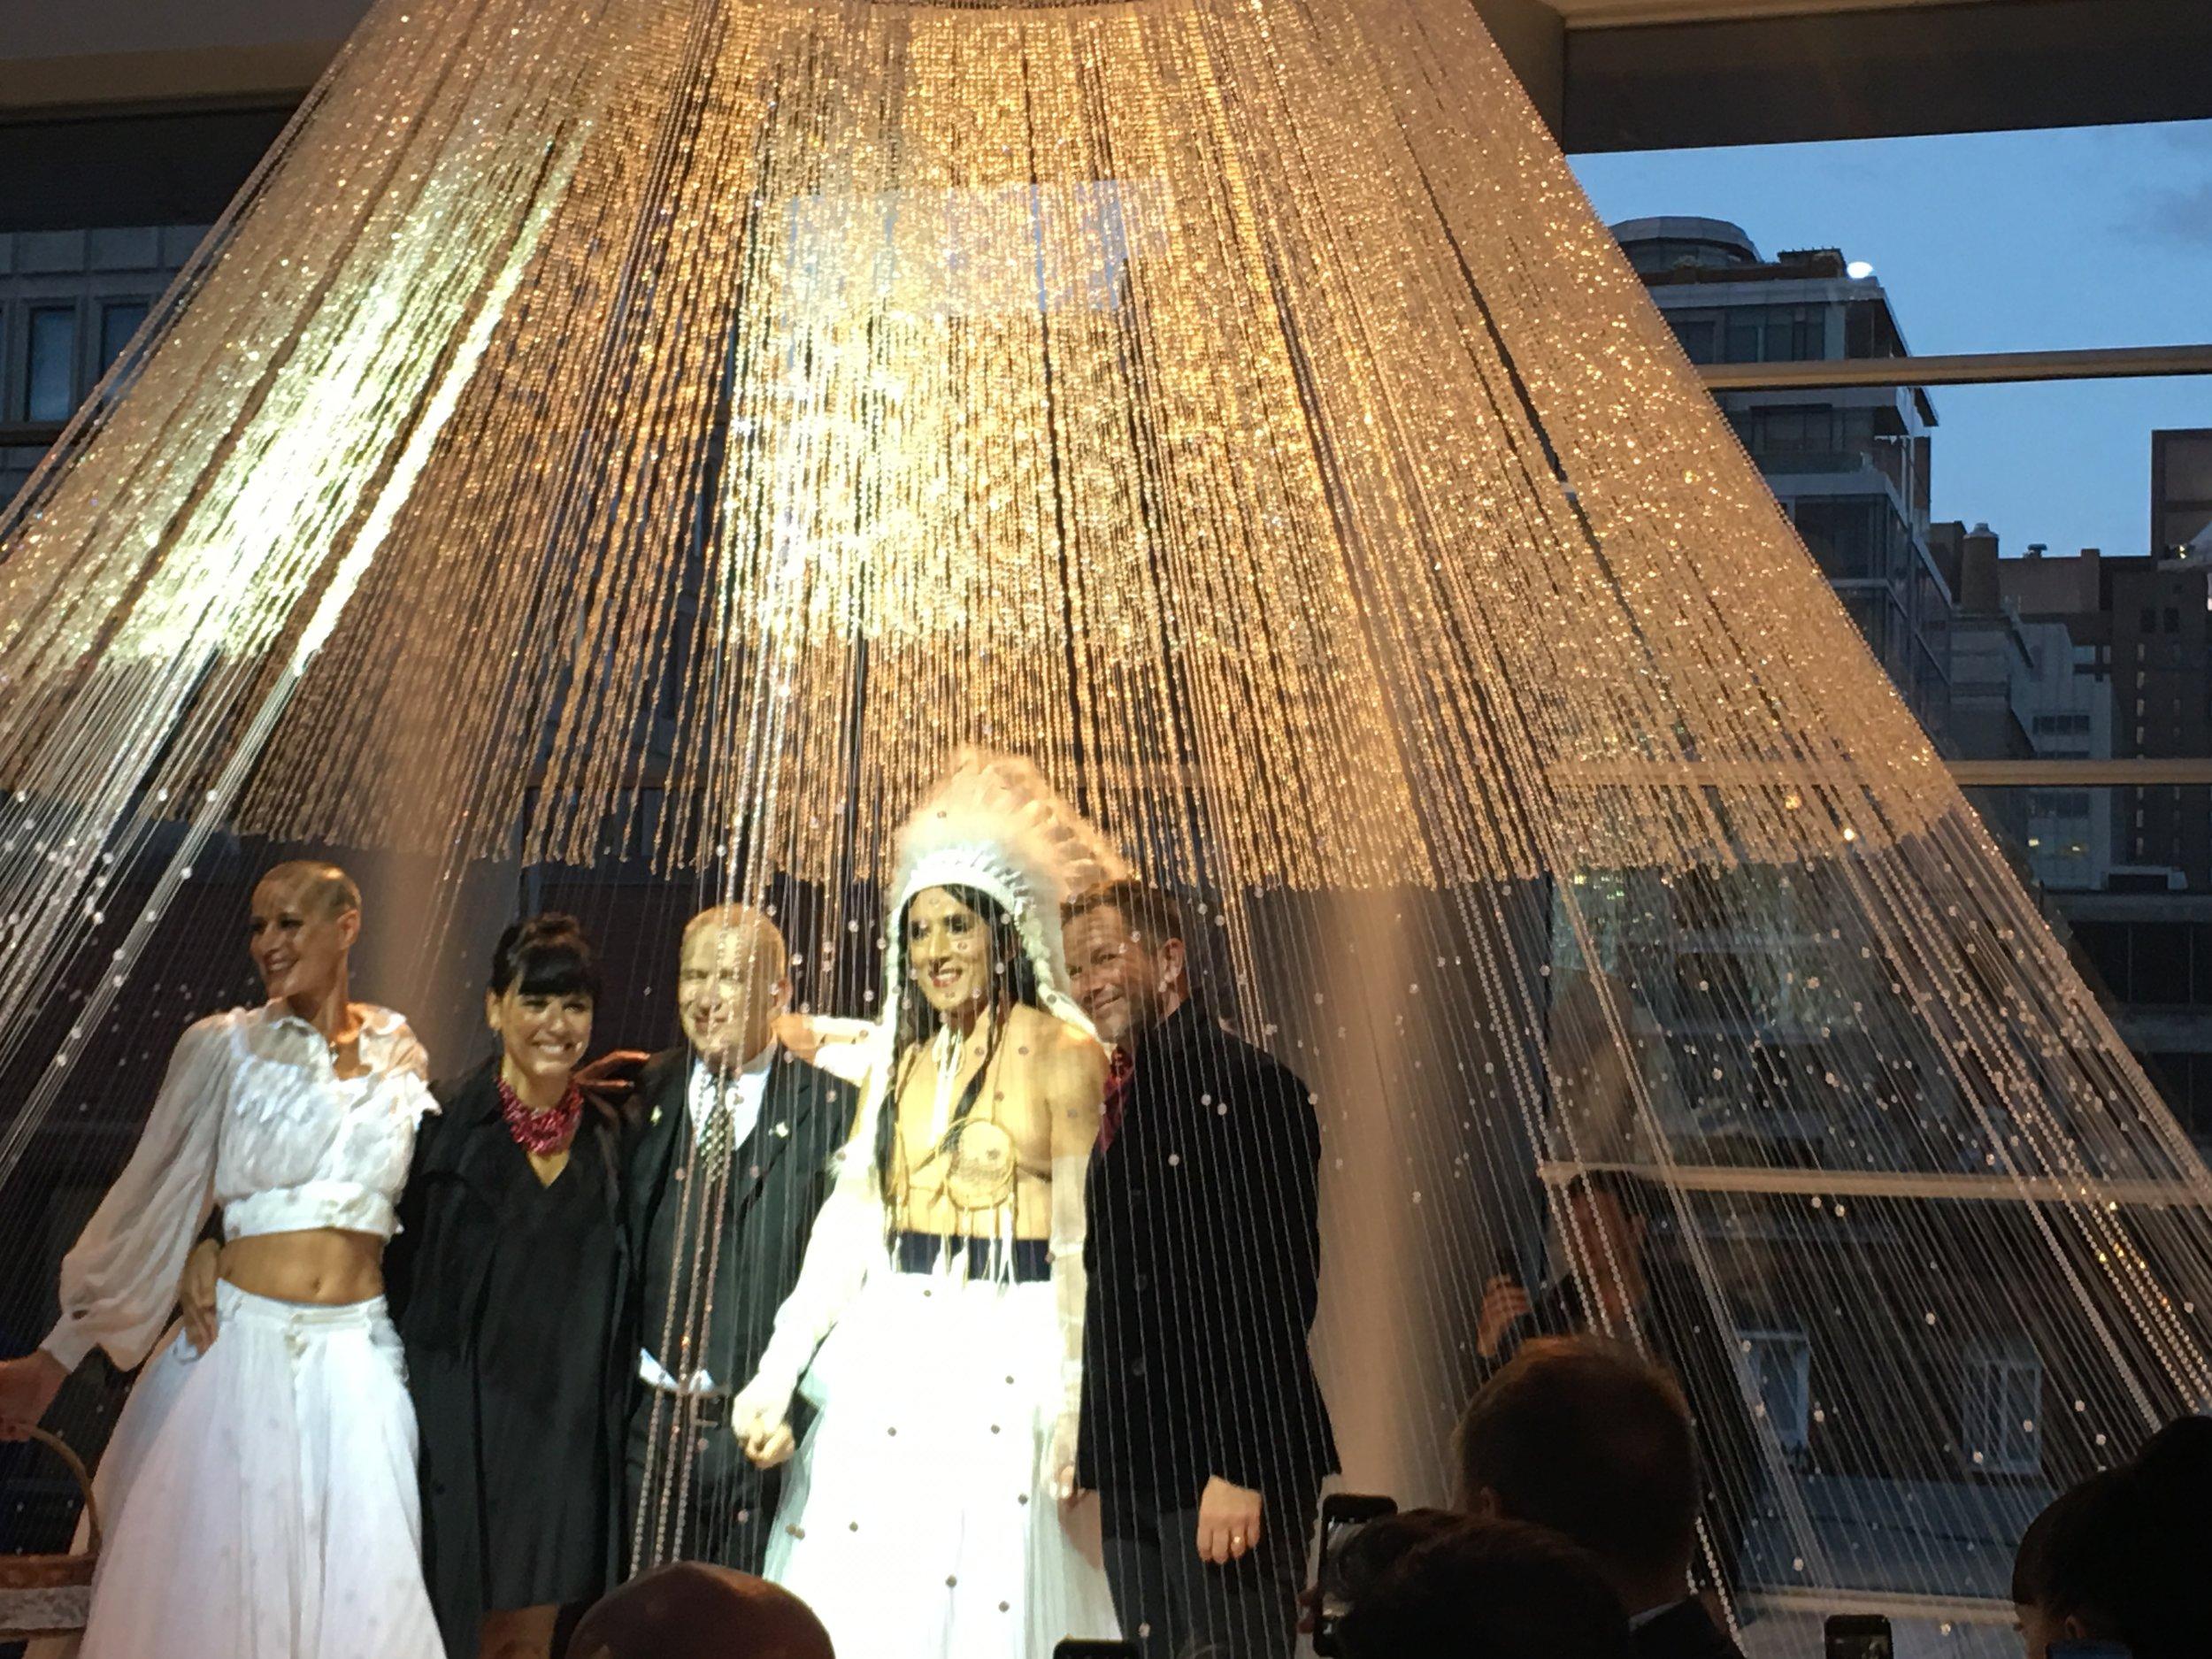 Ève Salvail, Nathalie Bondil, Jean-Paul Gaultier, Ken Monkman et celui qui a scellé l'union créative des deux créateurs pour cette soirée étonnante.